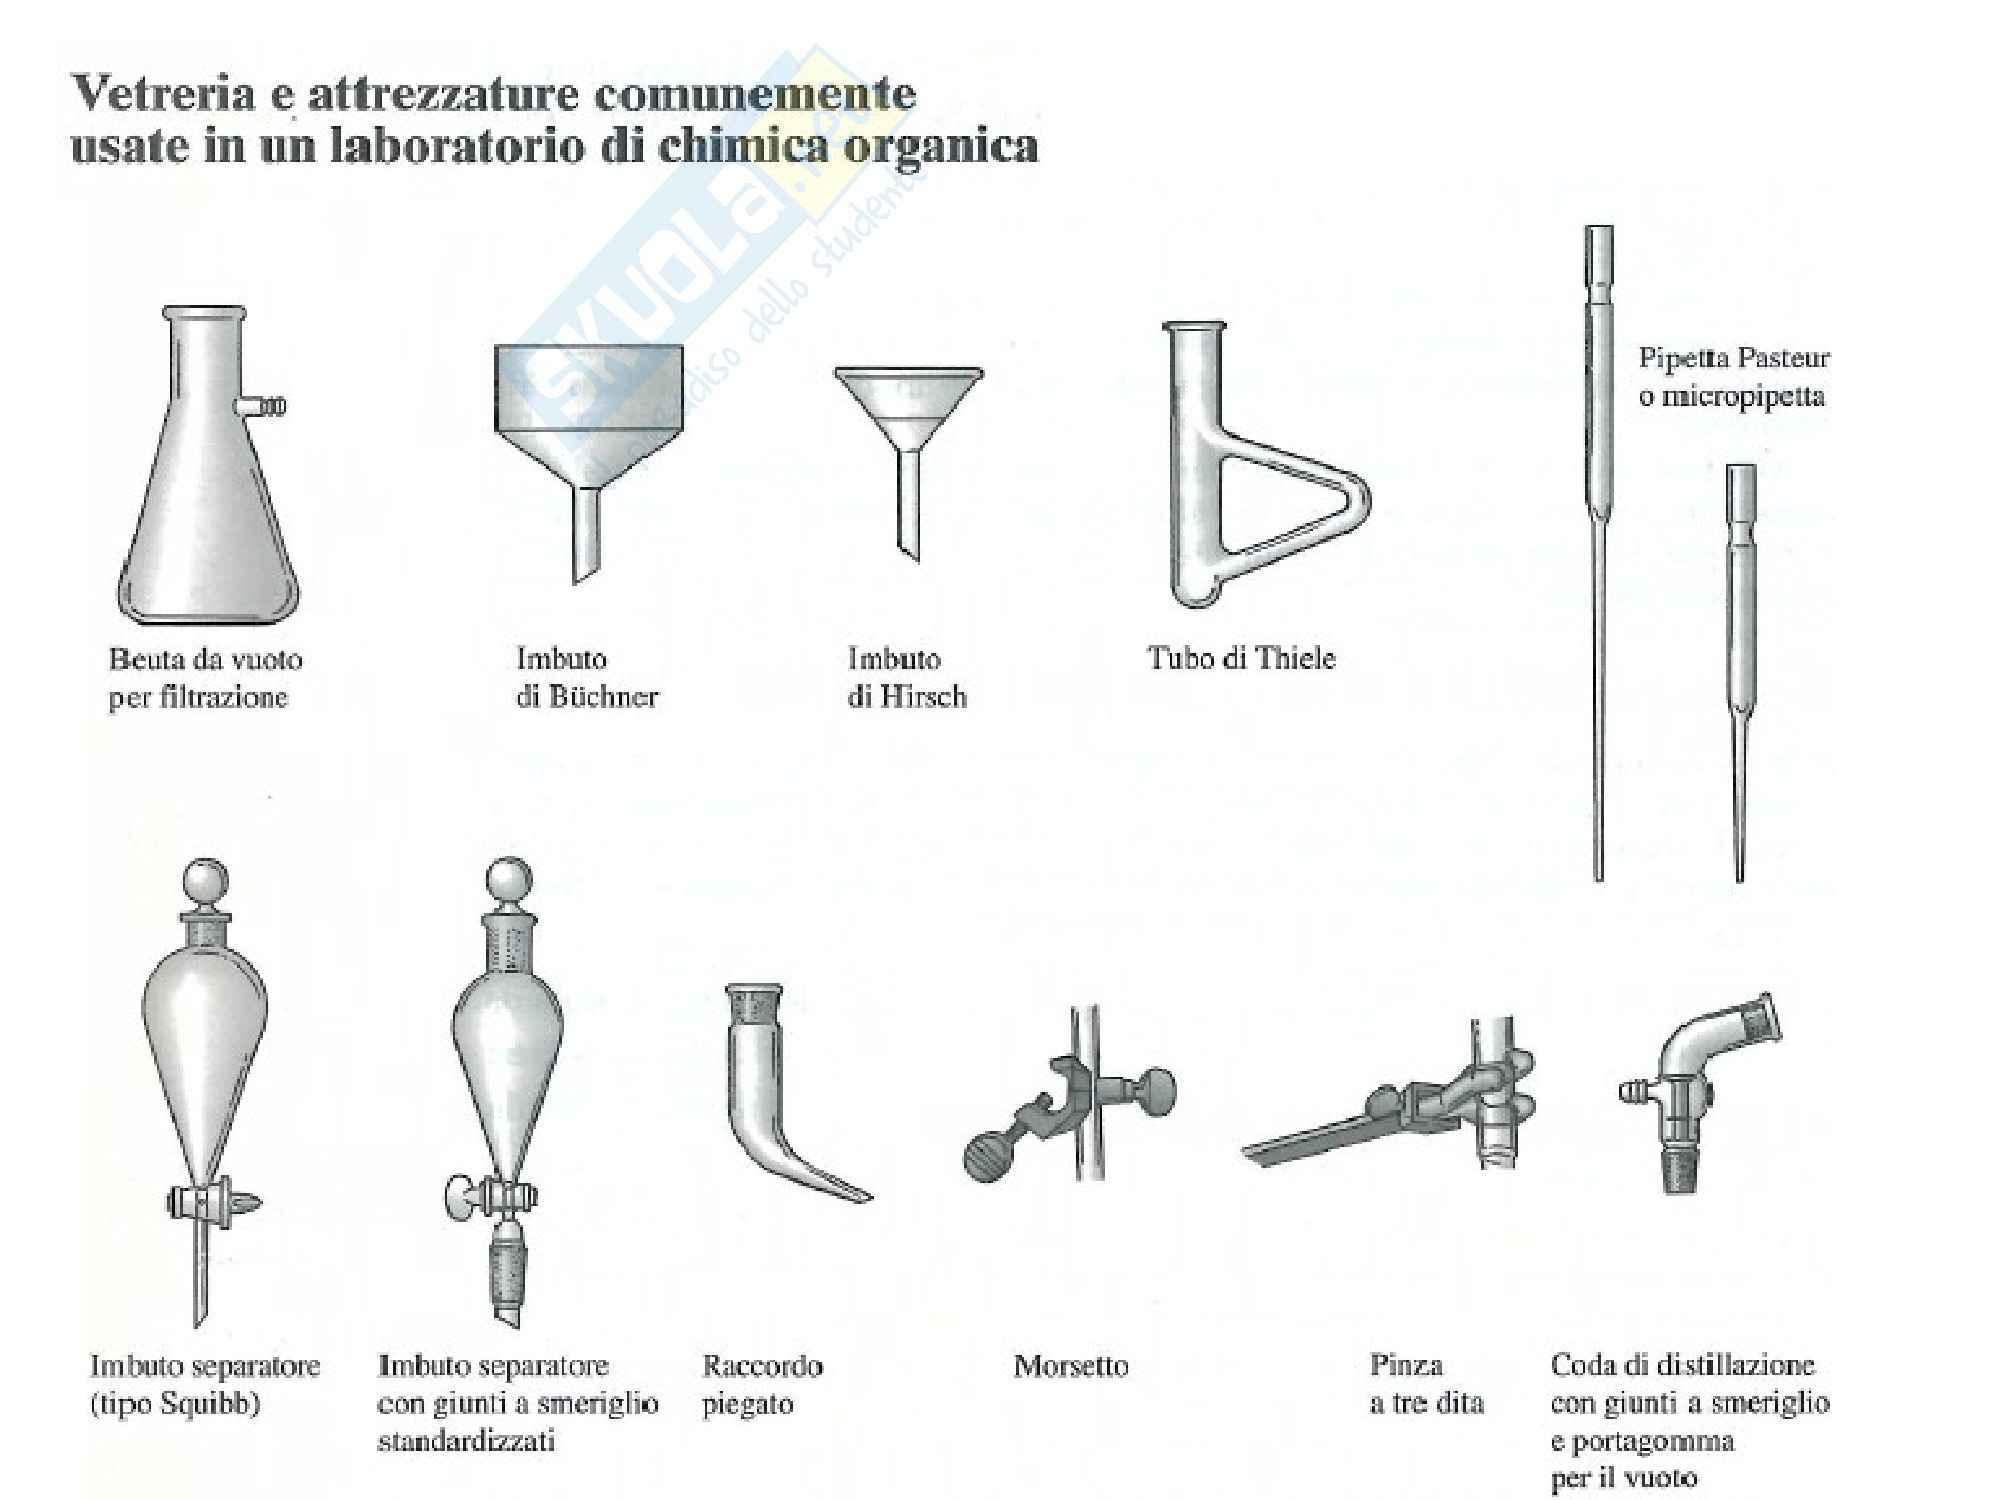 Processi unitari di laboratorio chimico - la vetreria del laboratorio di chimica organica